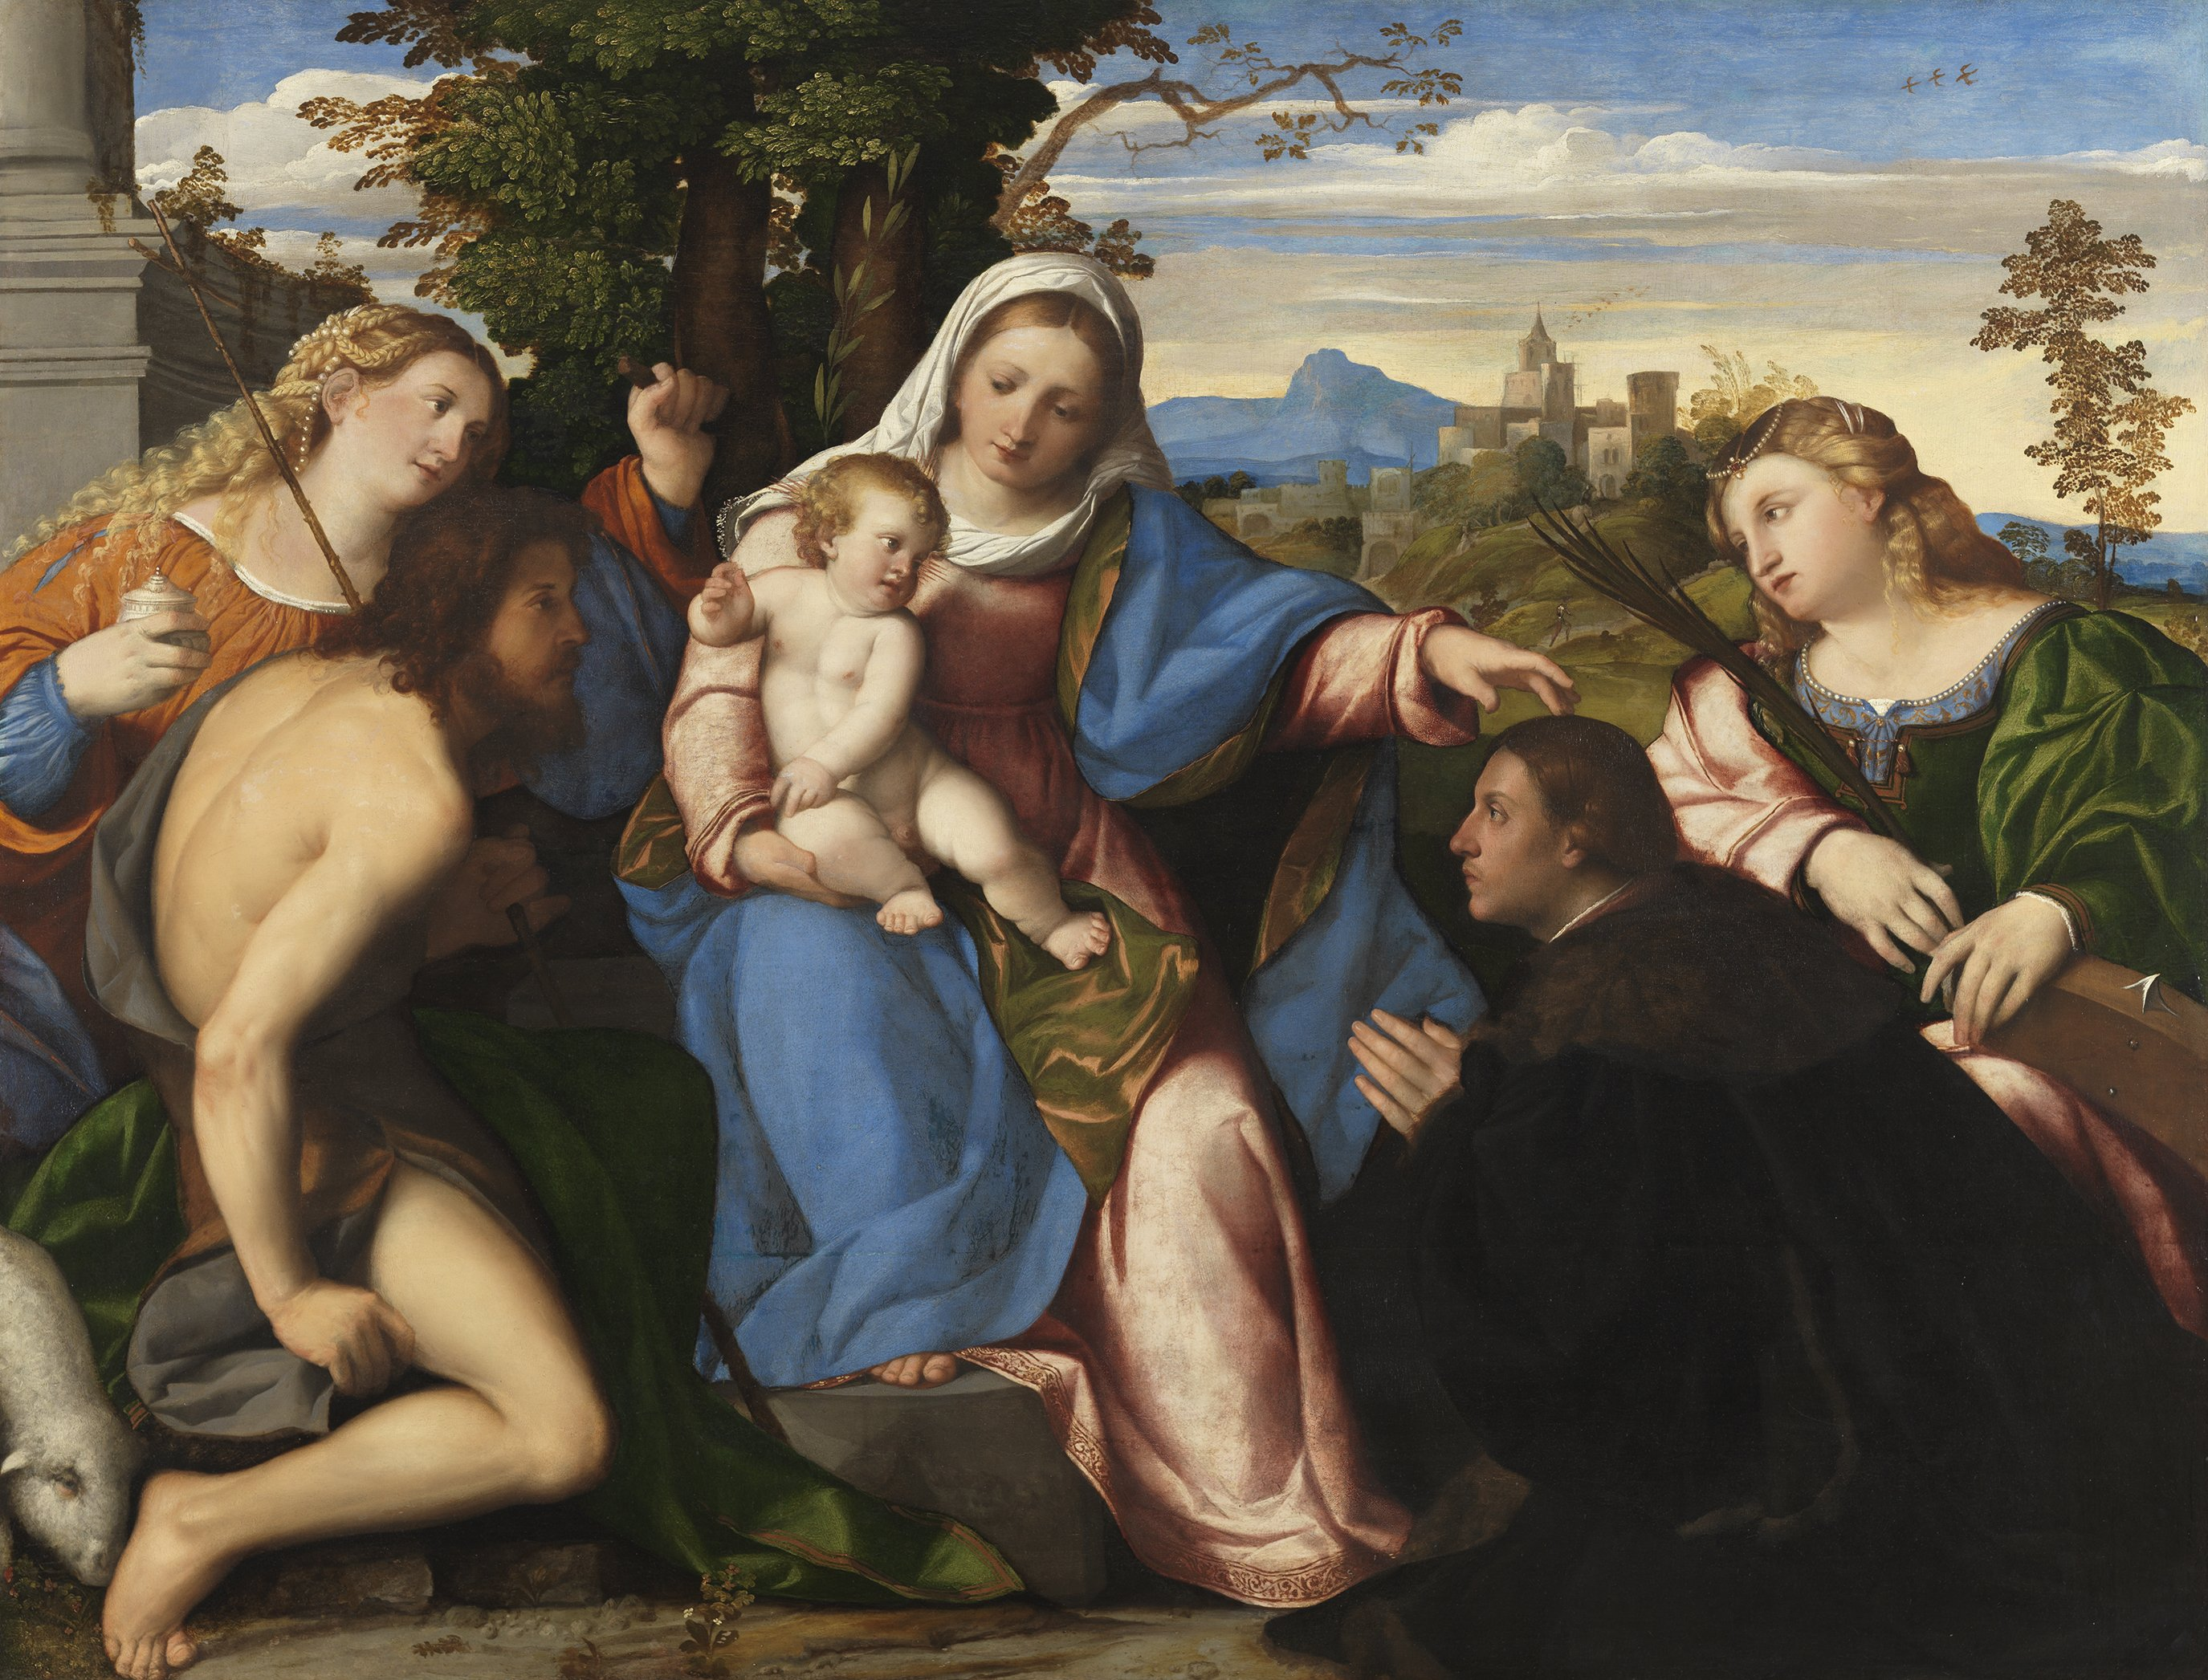 La Virgen y el niño con los santos y un donante